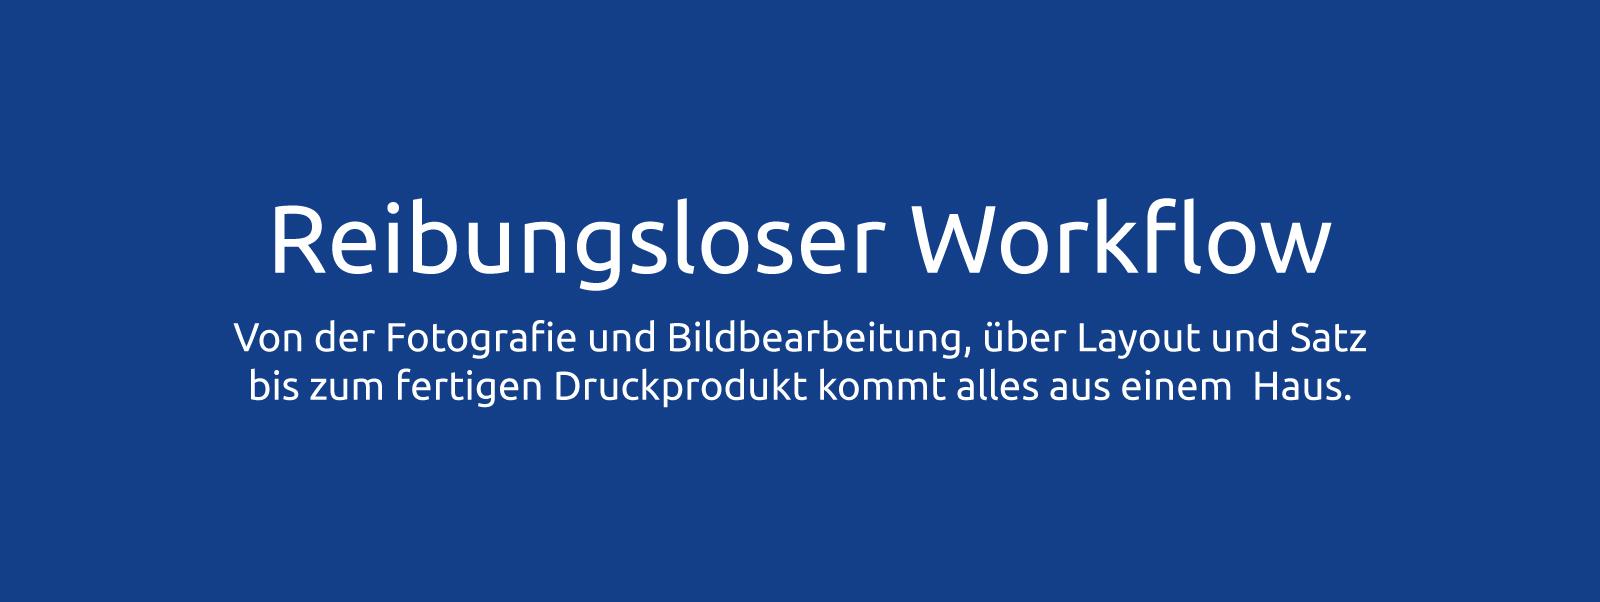 Kataloge erstellen und reibungsloser Workflow: readymade Werbeagentur Bremen und Verden